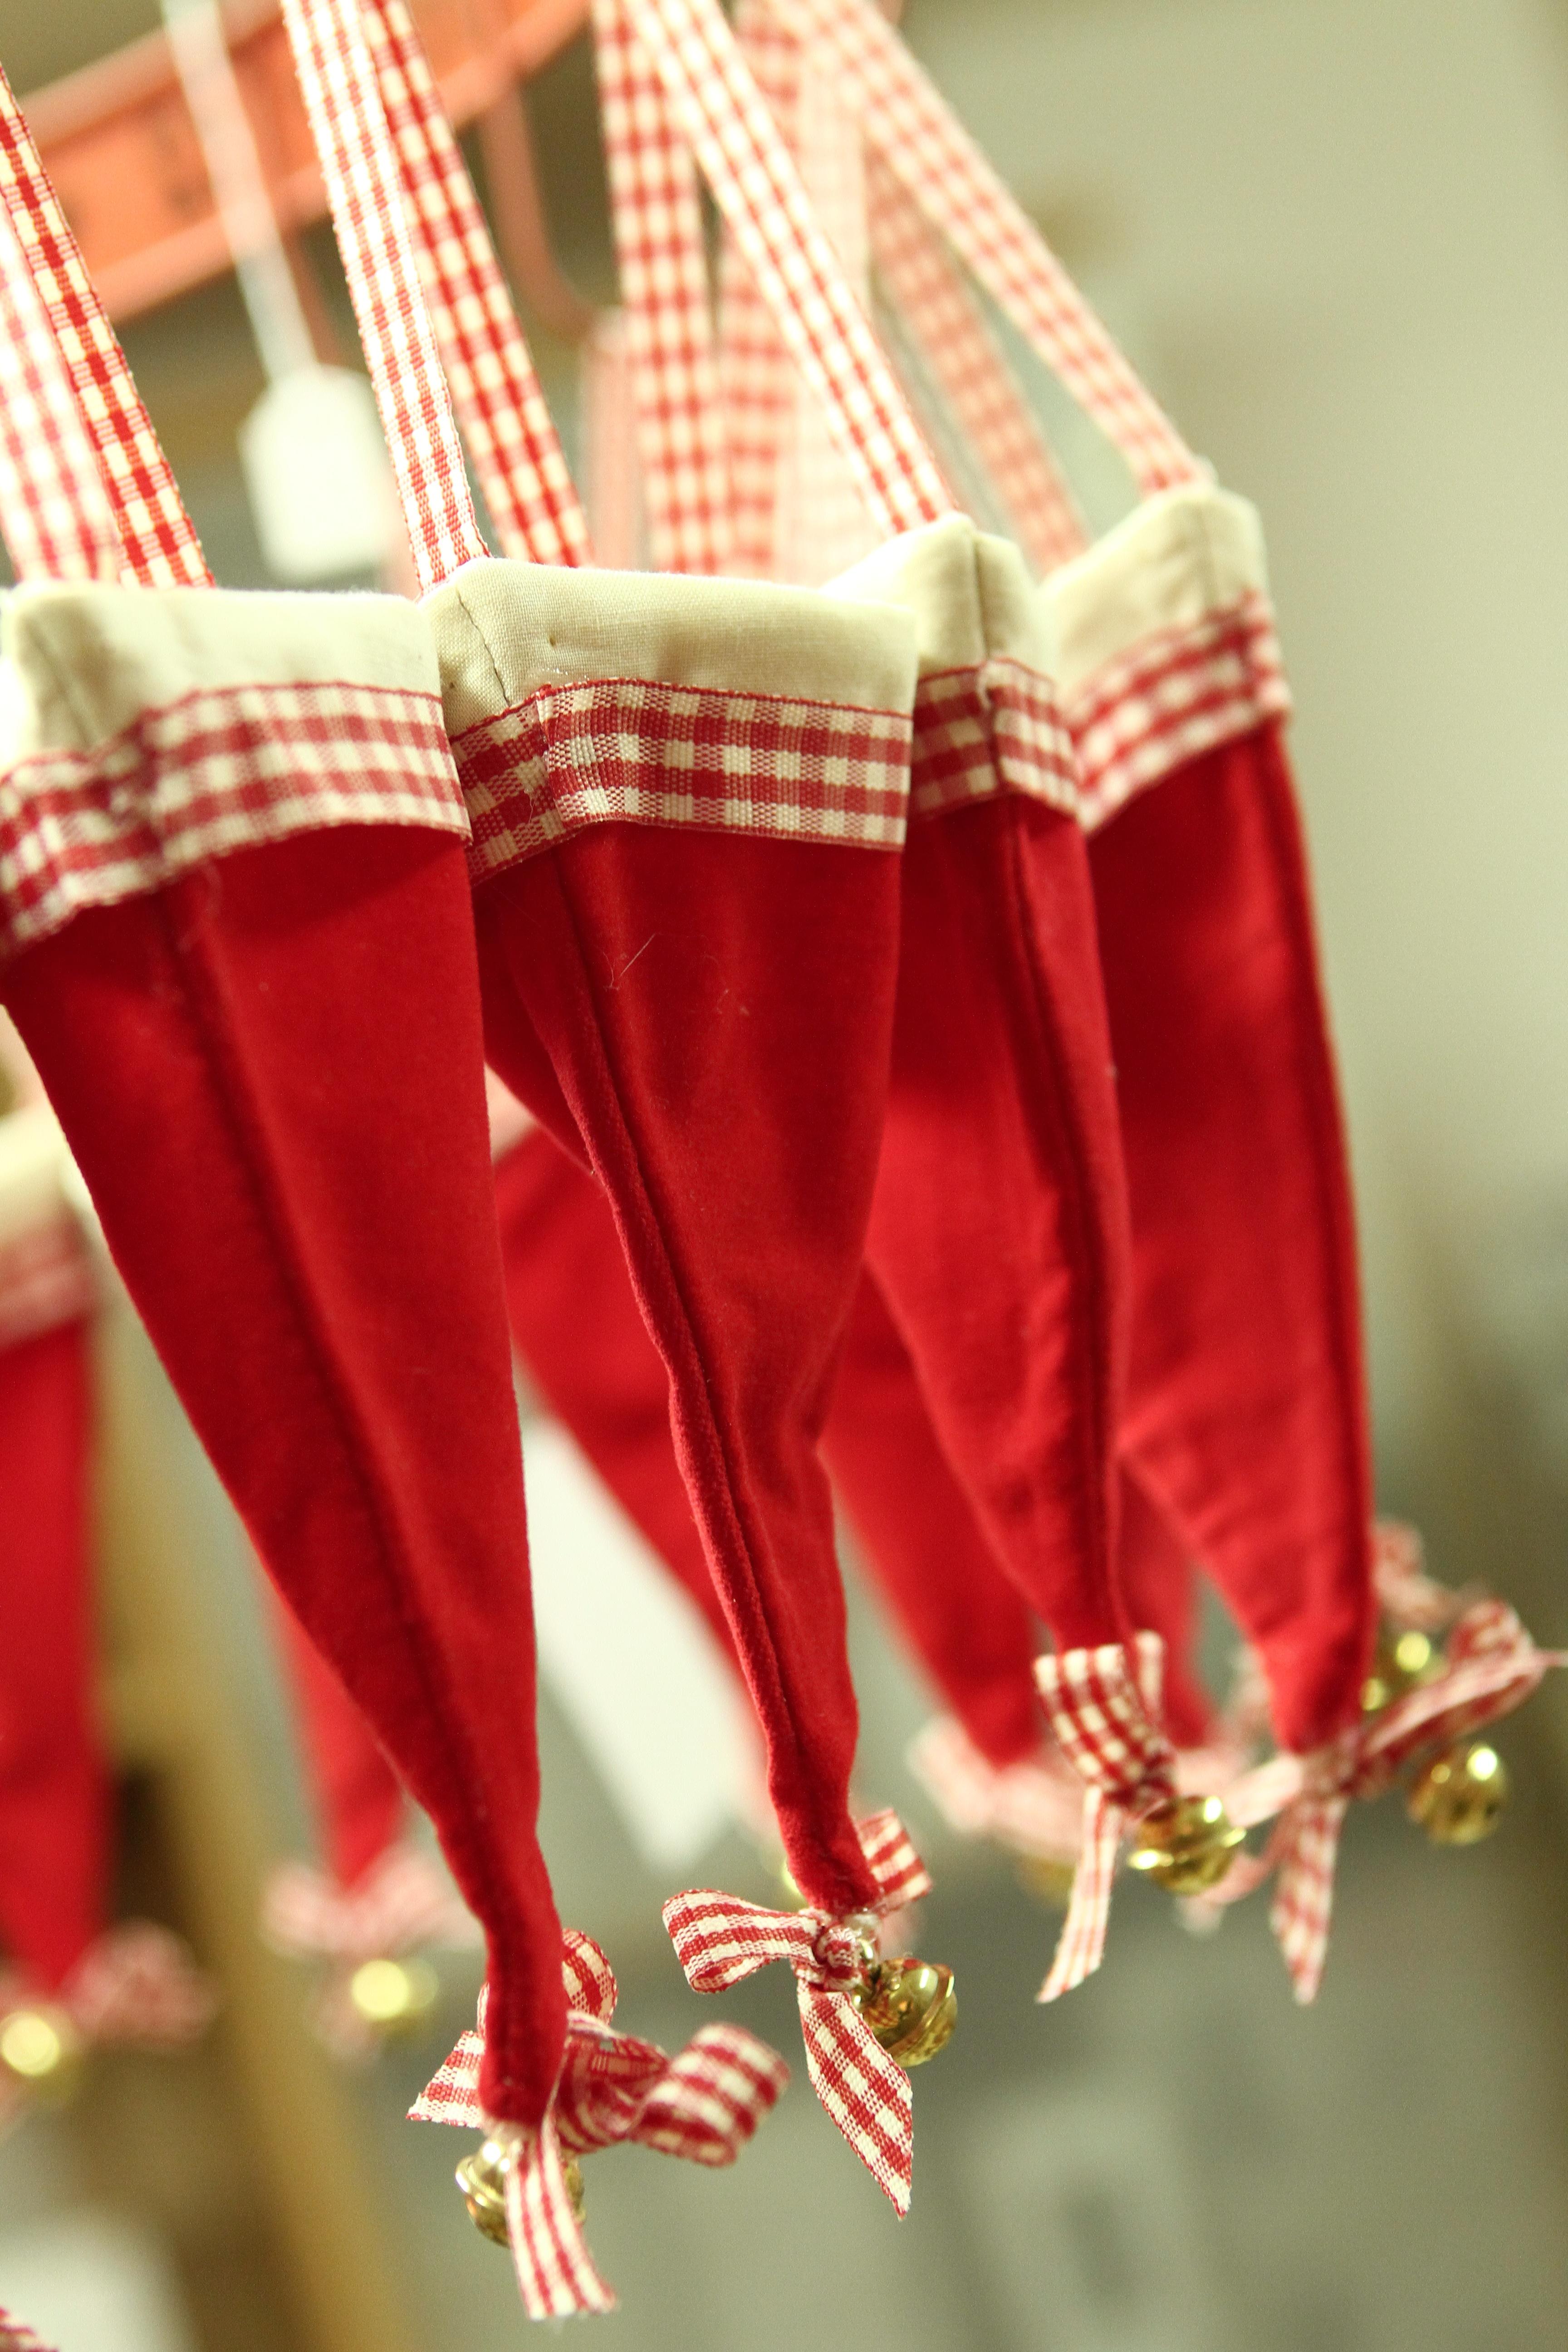 Adventskalender 24 Deko Mützen rot weiß mit Schelle zum Befüllen